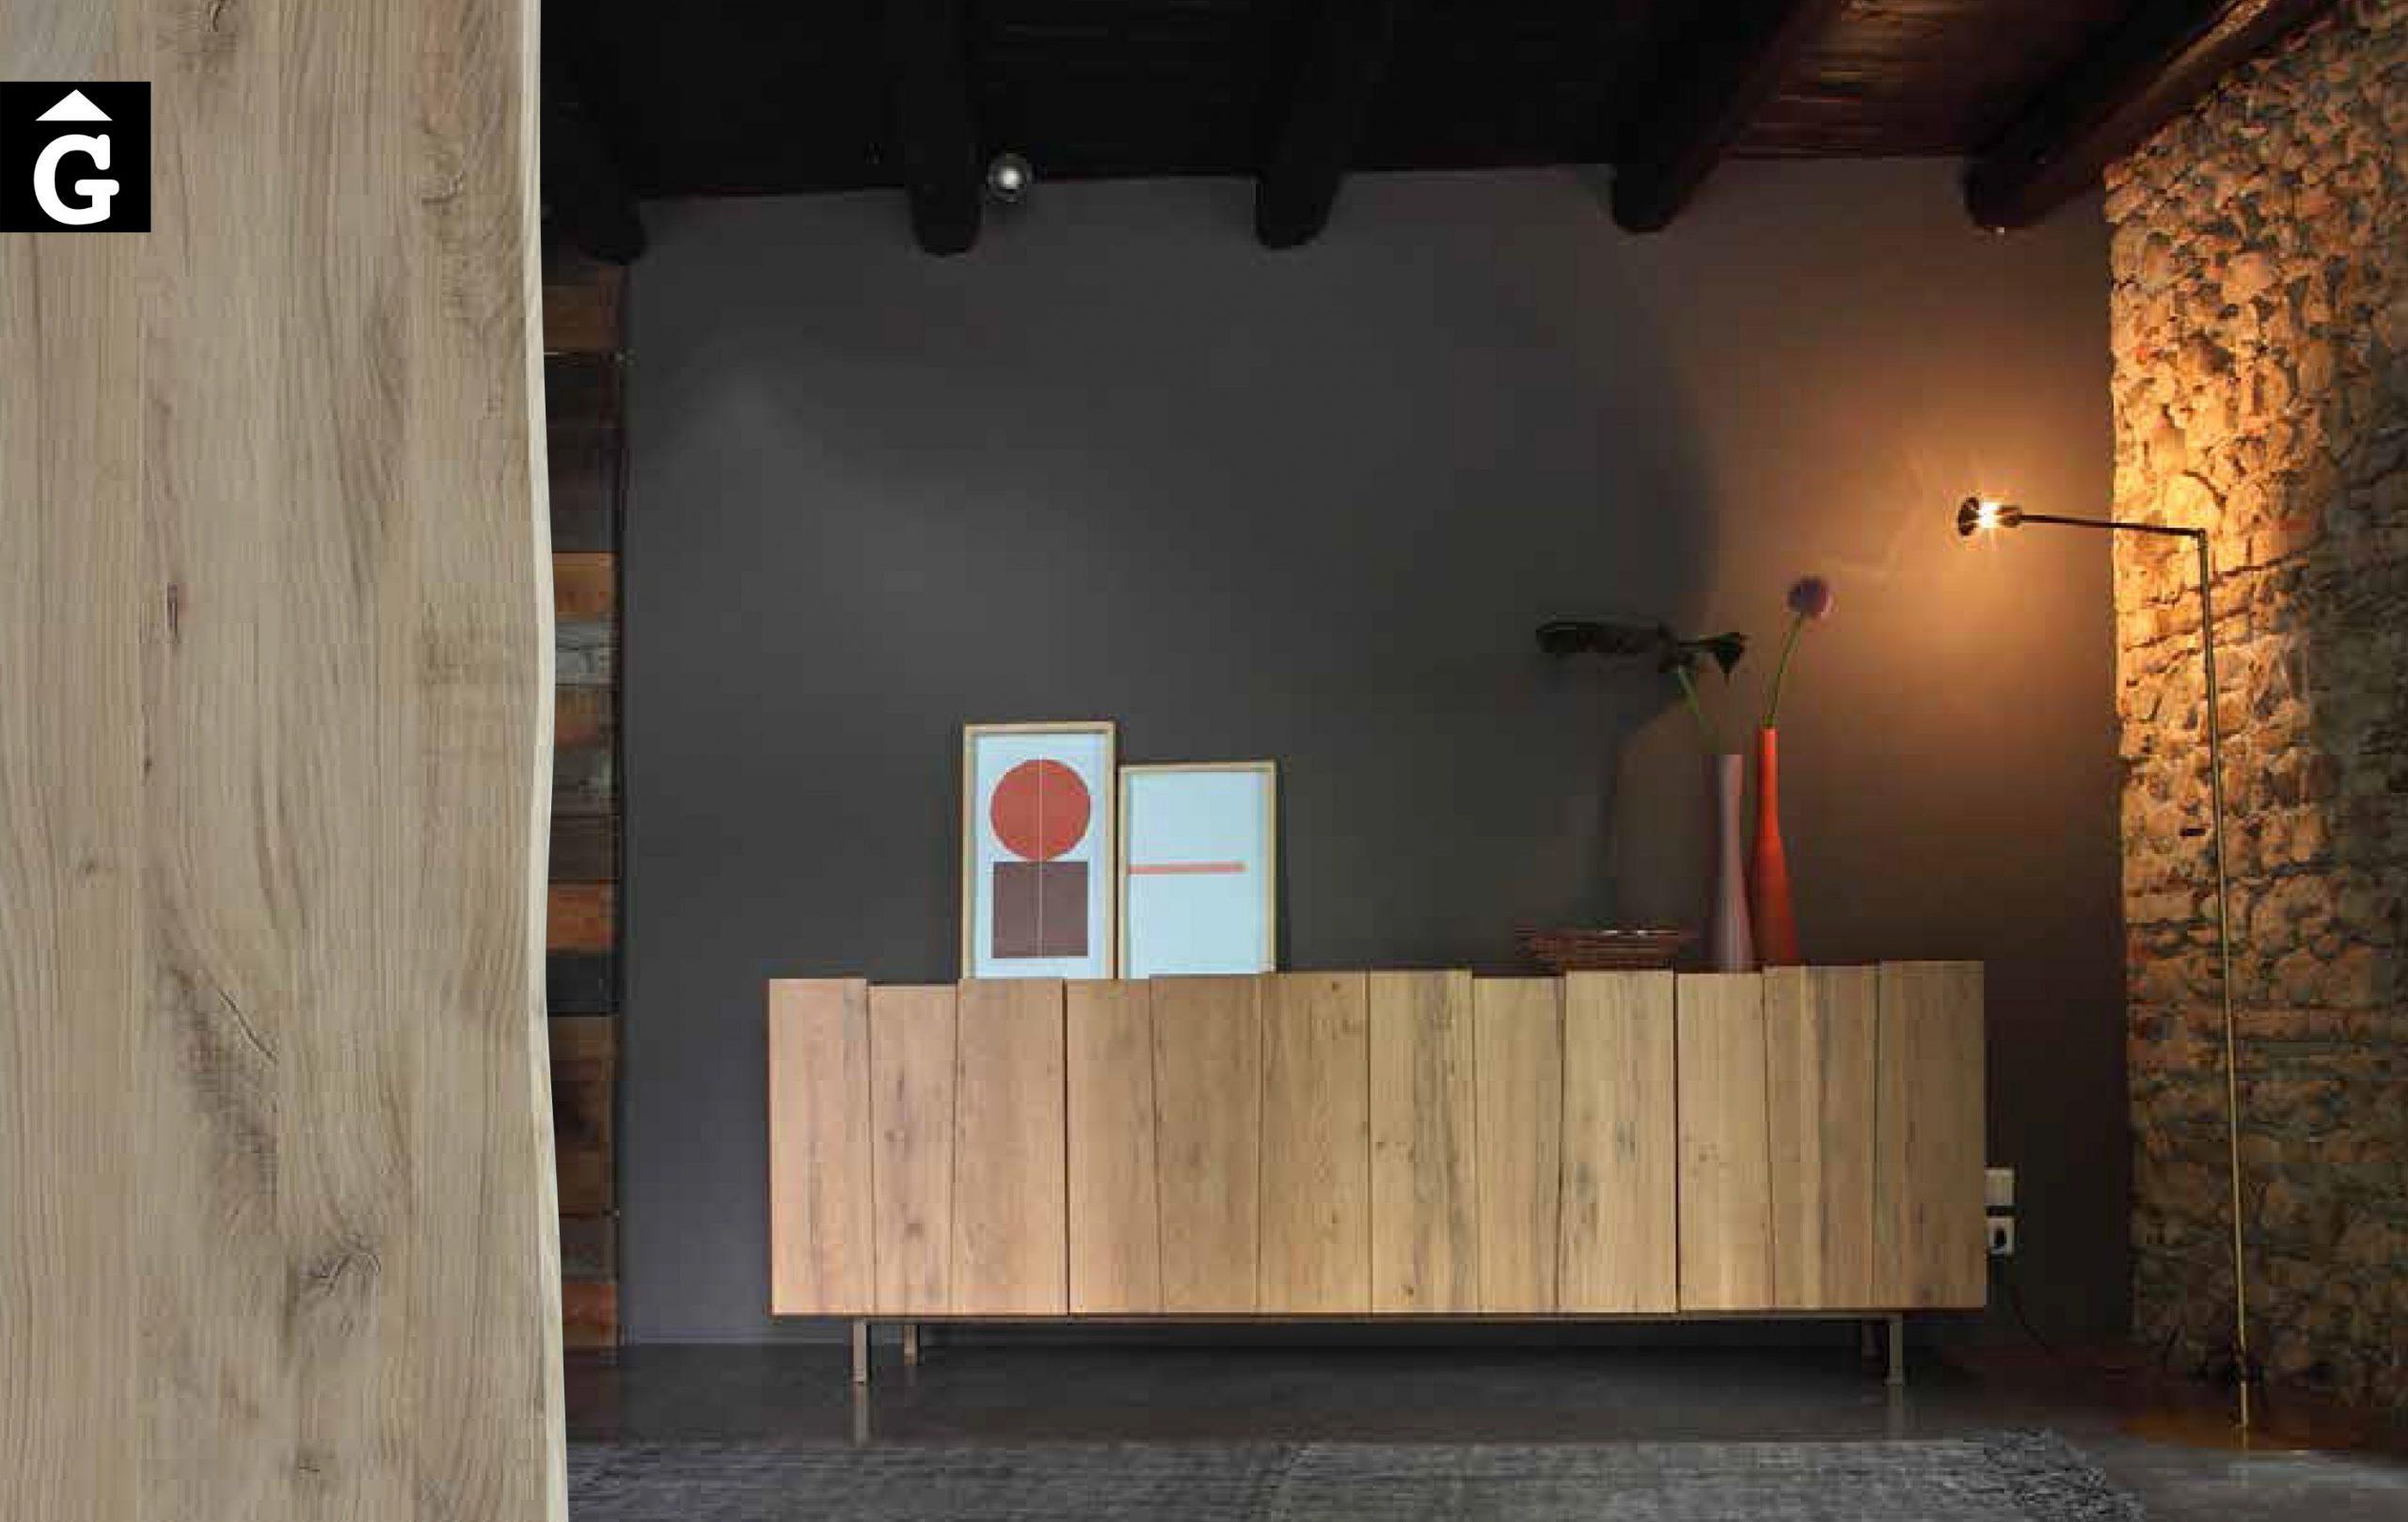 Moble bufet Urban Ranch aparador Design Storeis 7 Devina Naix